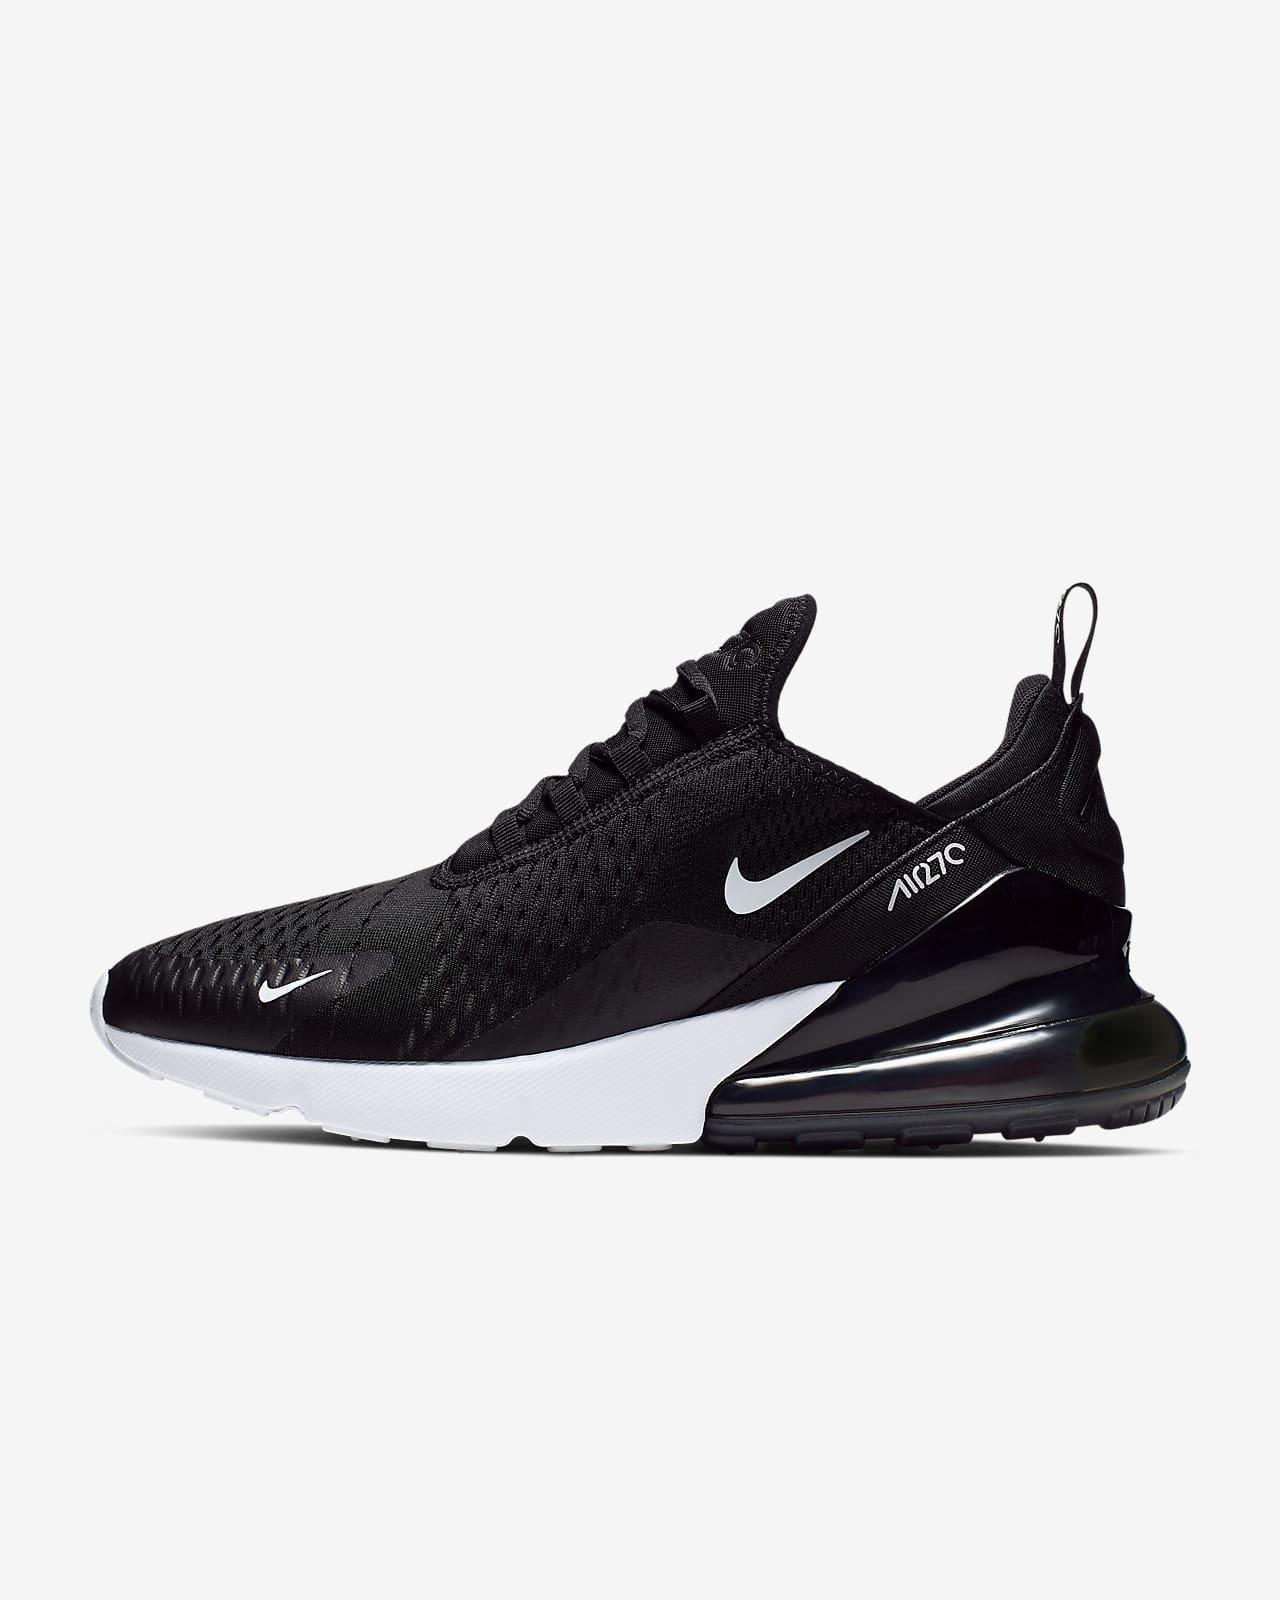 nike chaussure noir et blanche